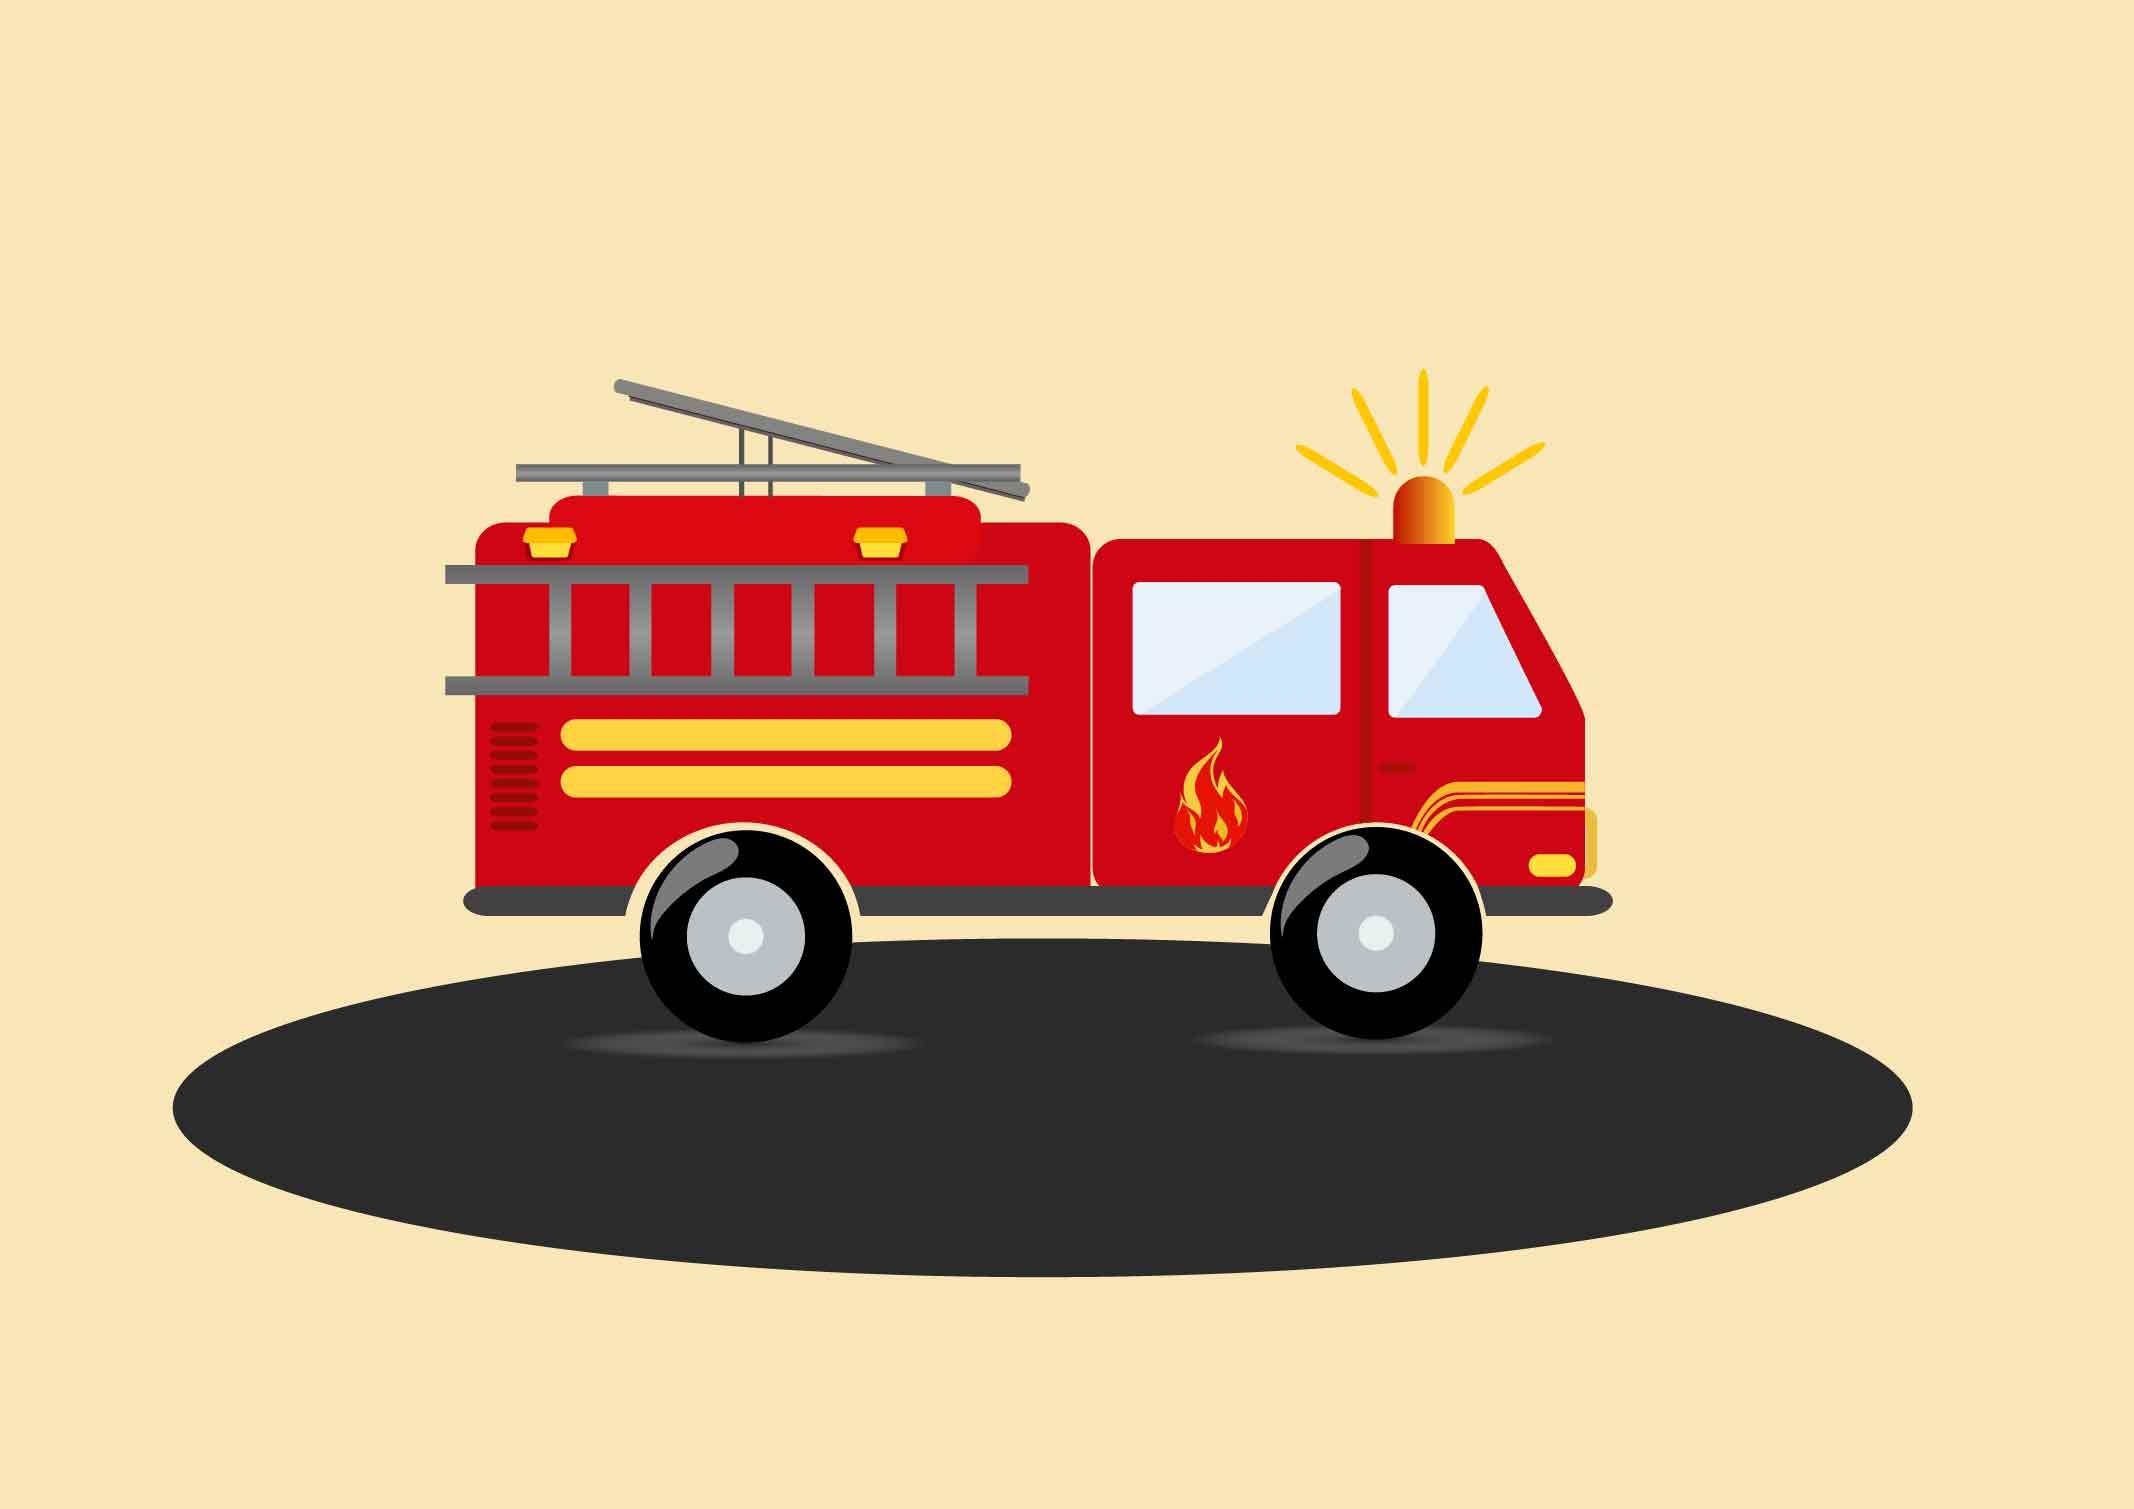 安全工程师与消防工程师的区别图片